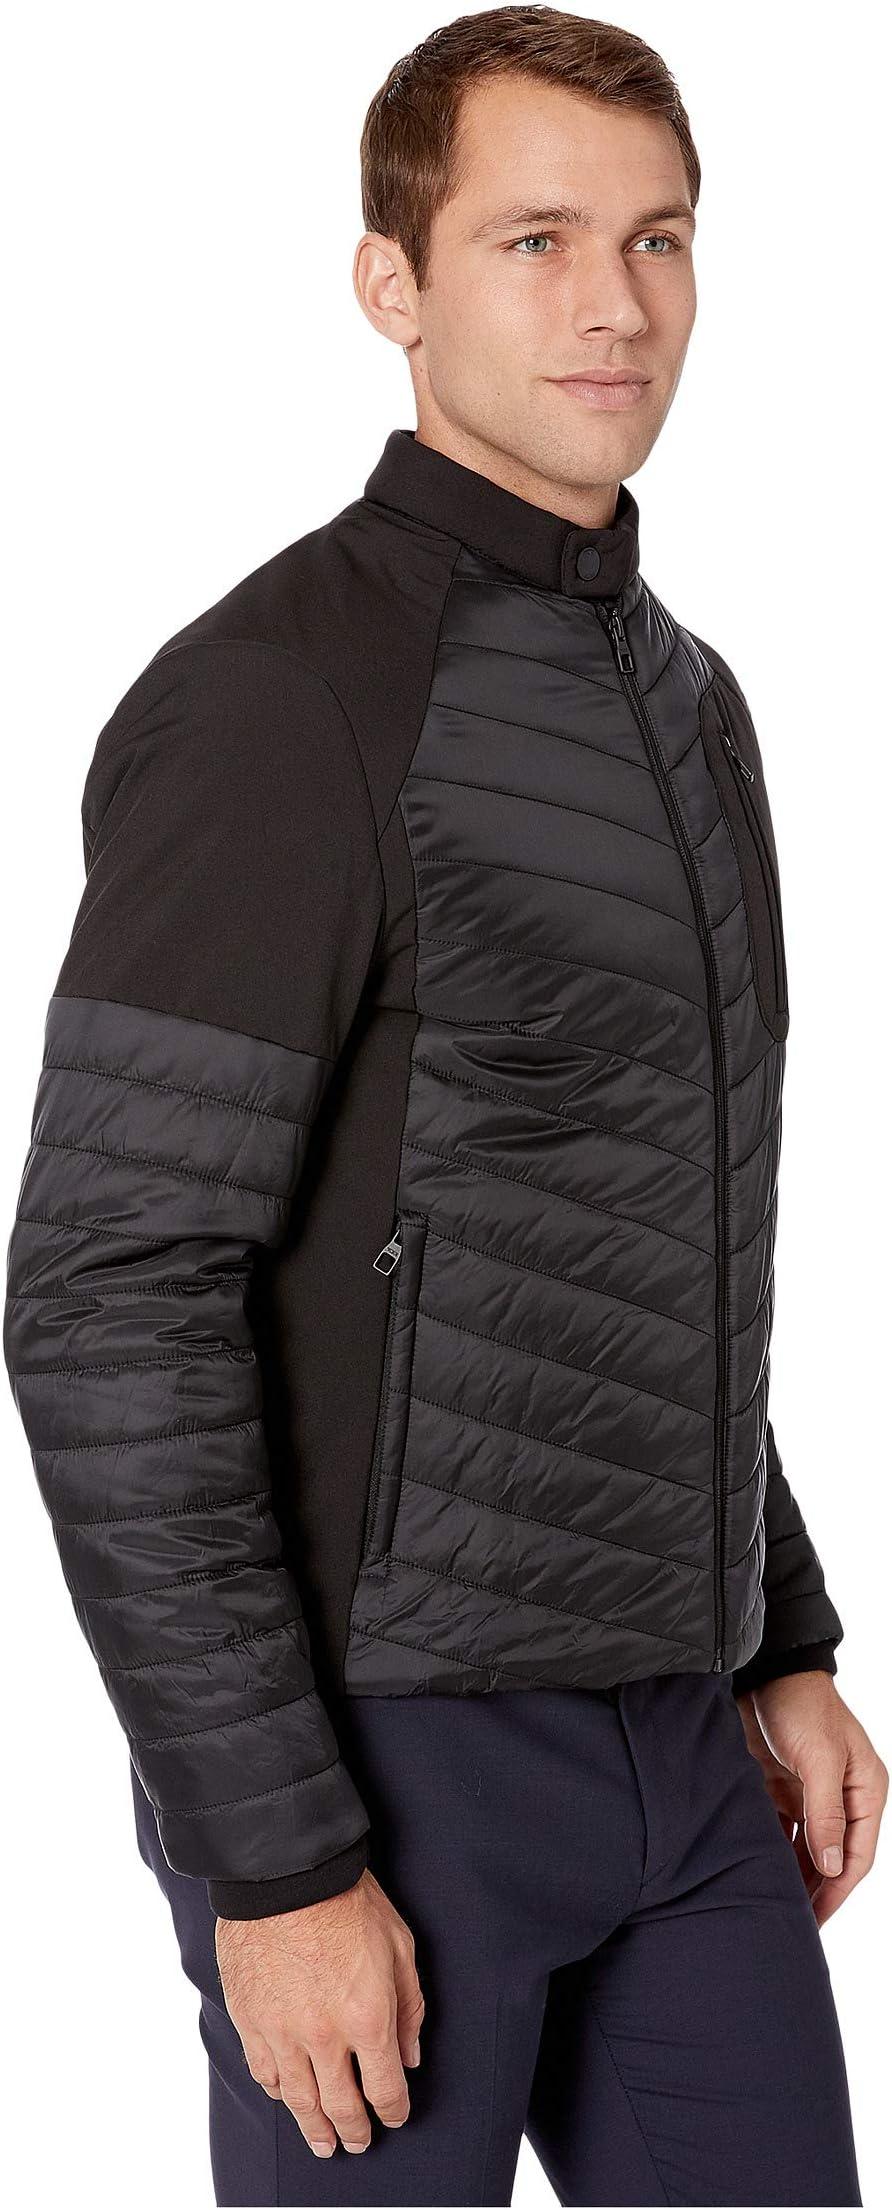 Tumi Softshell Hybrid Jacket KcUxw